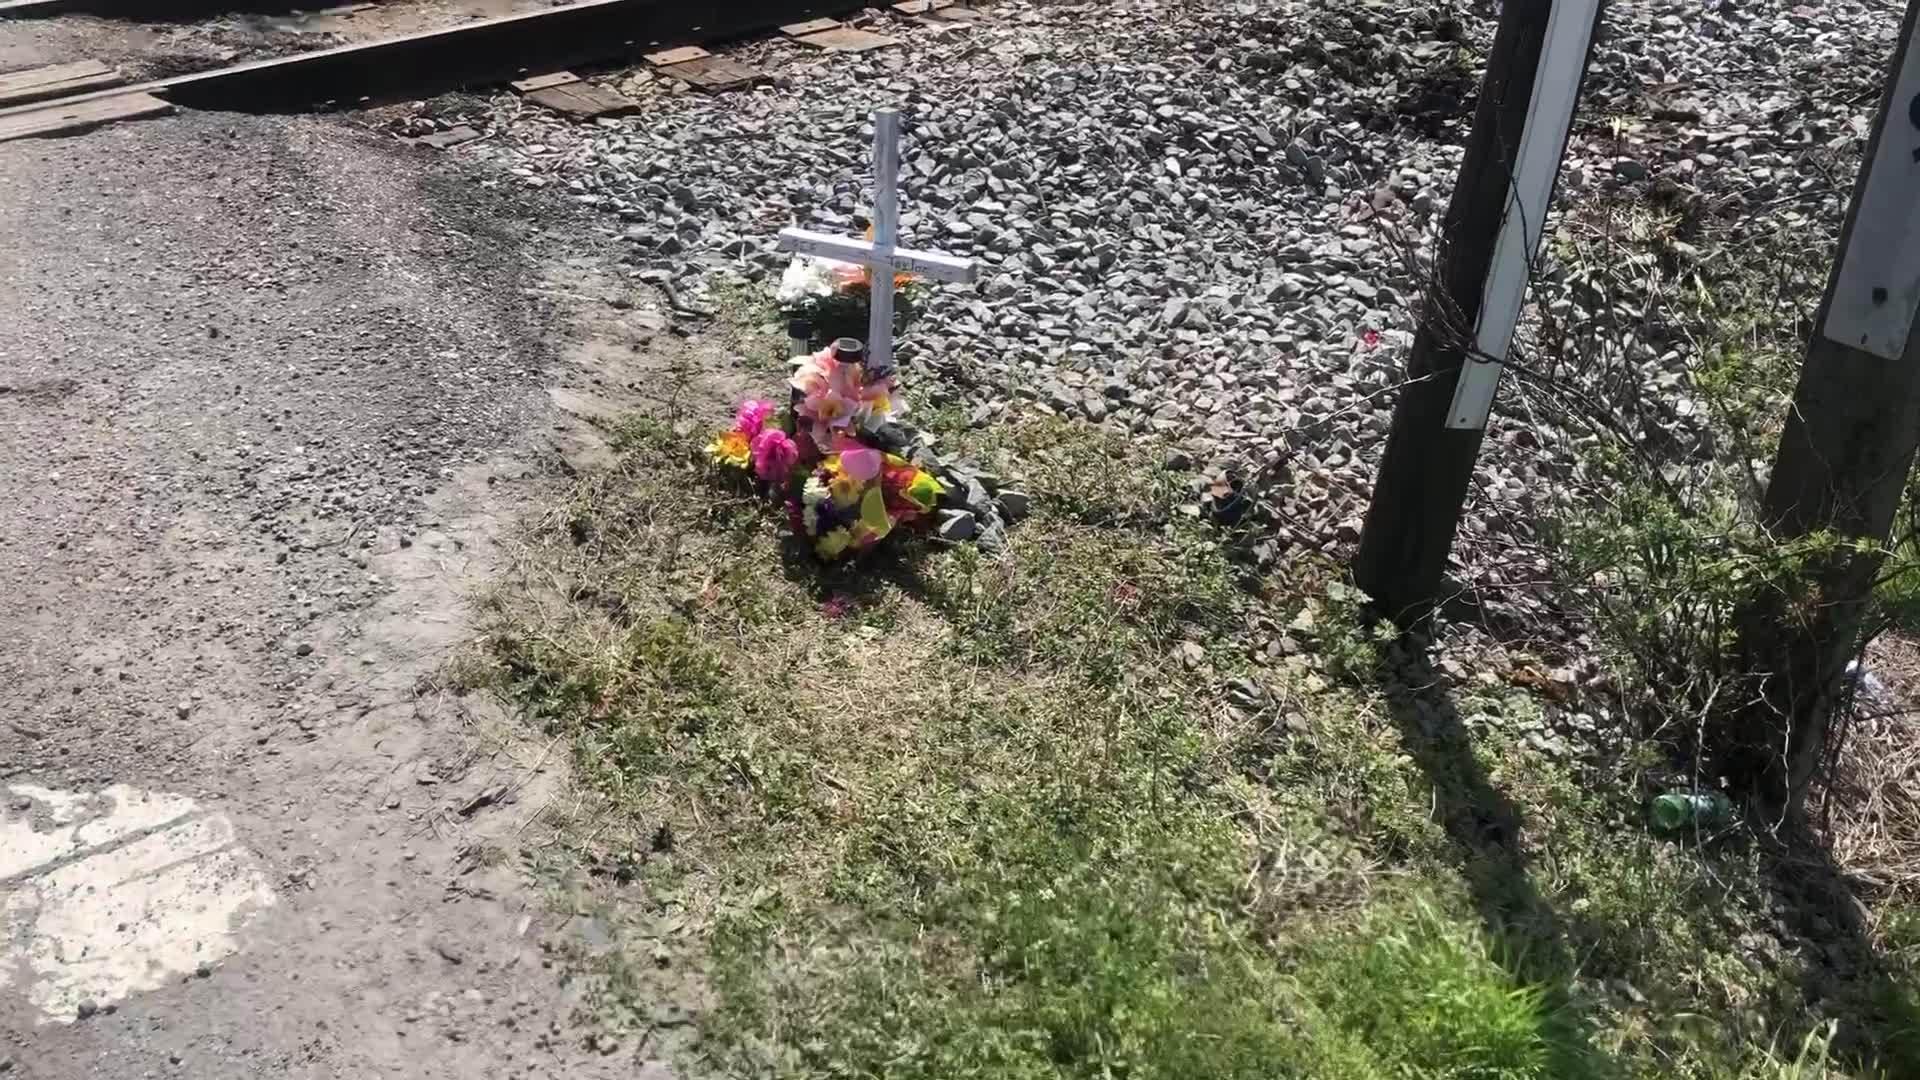 Chesapeake_train_accident_update_7_20190401184758